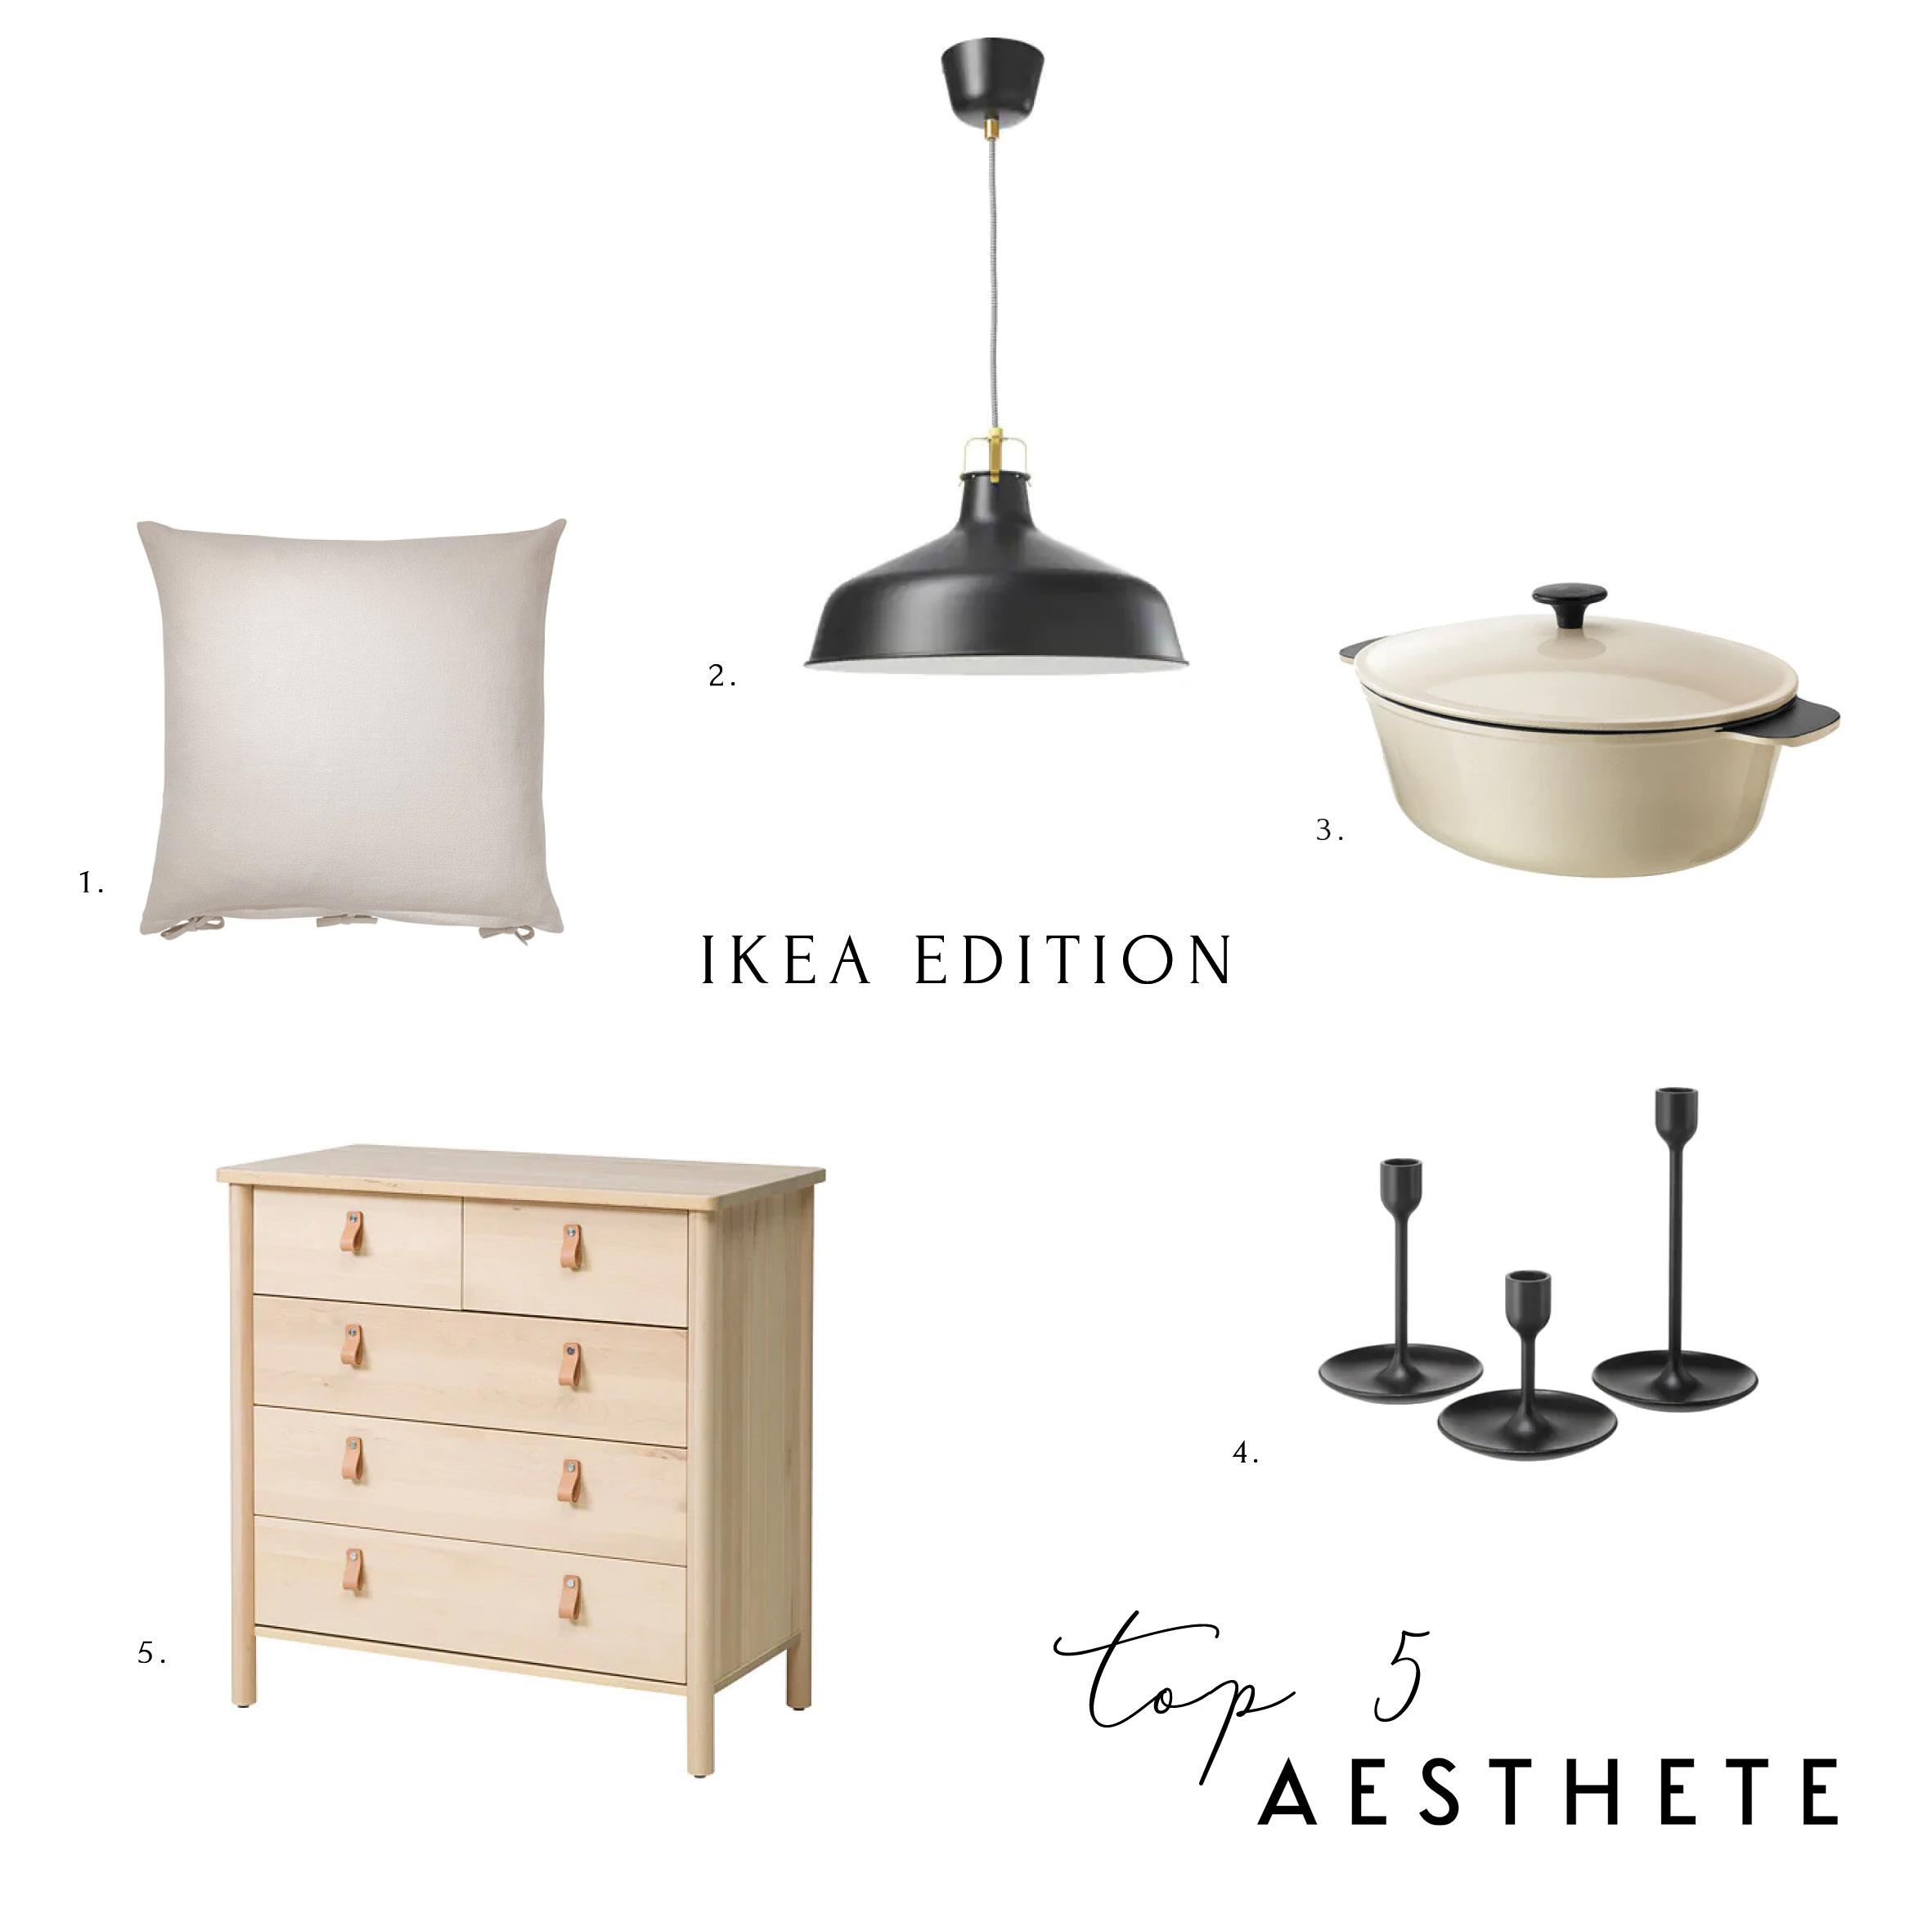 Aesthete Top 5 IKEA